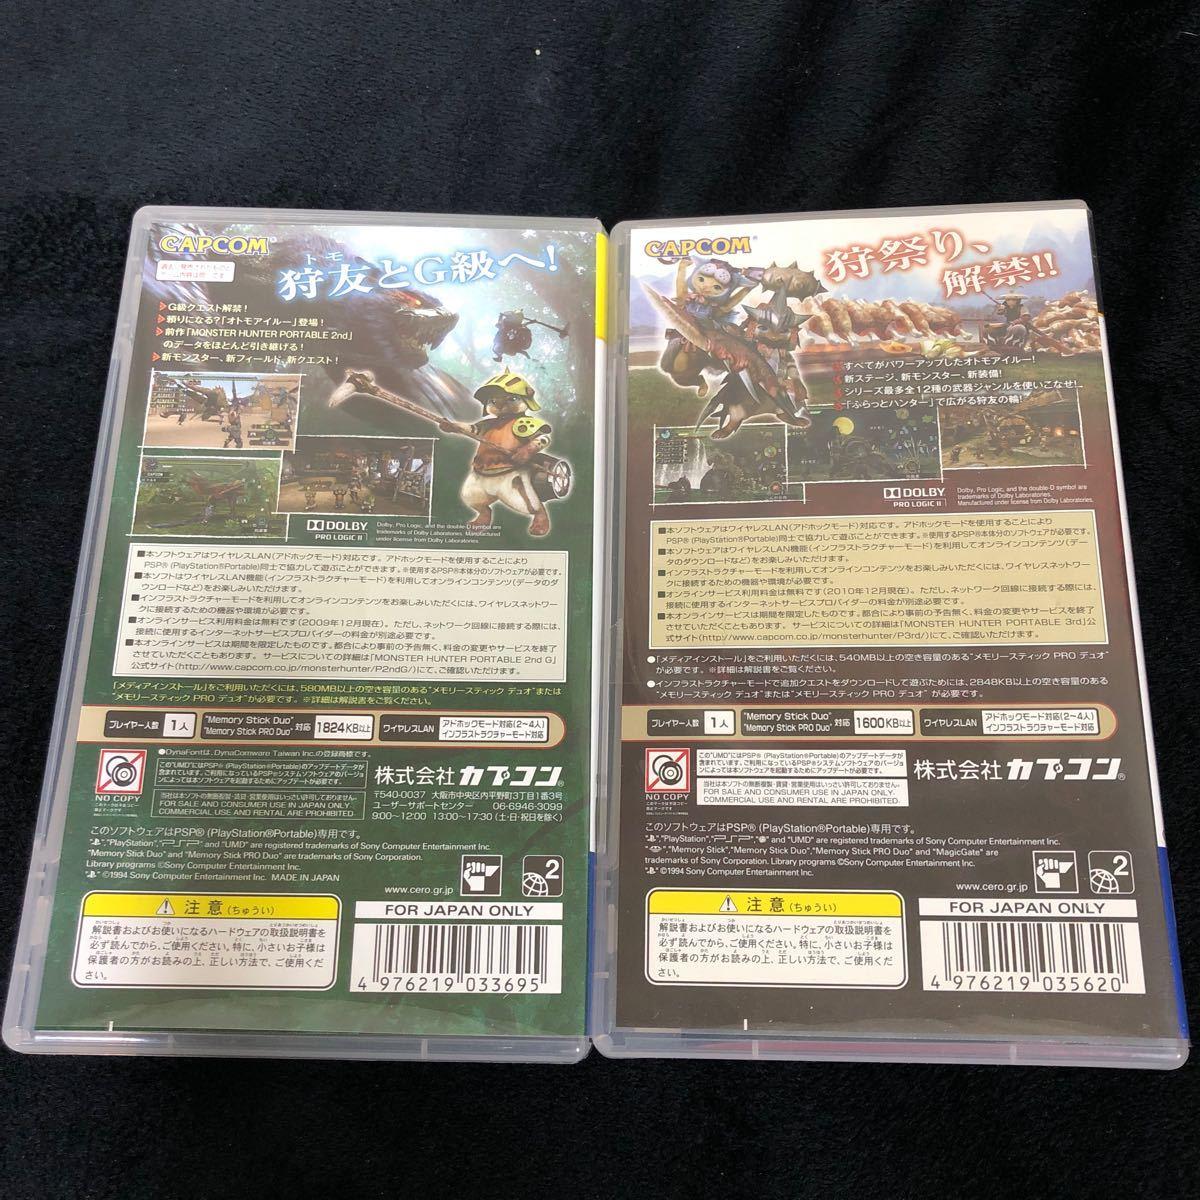 【PSP】 モンスターハンターポータブル 2点セット